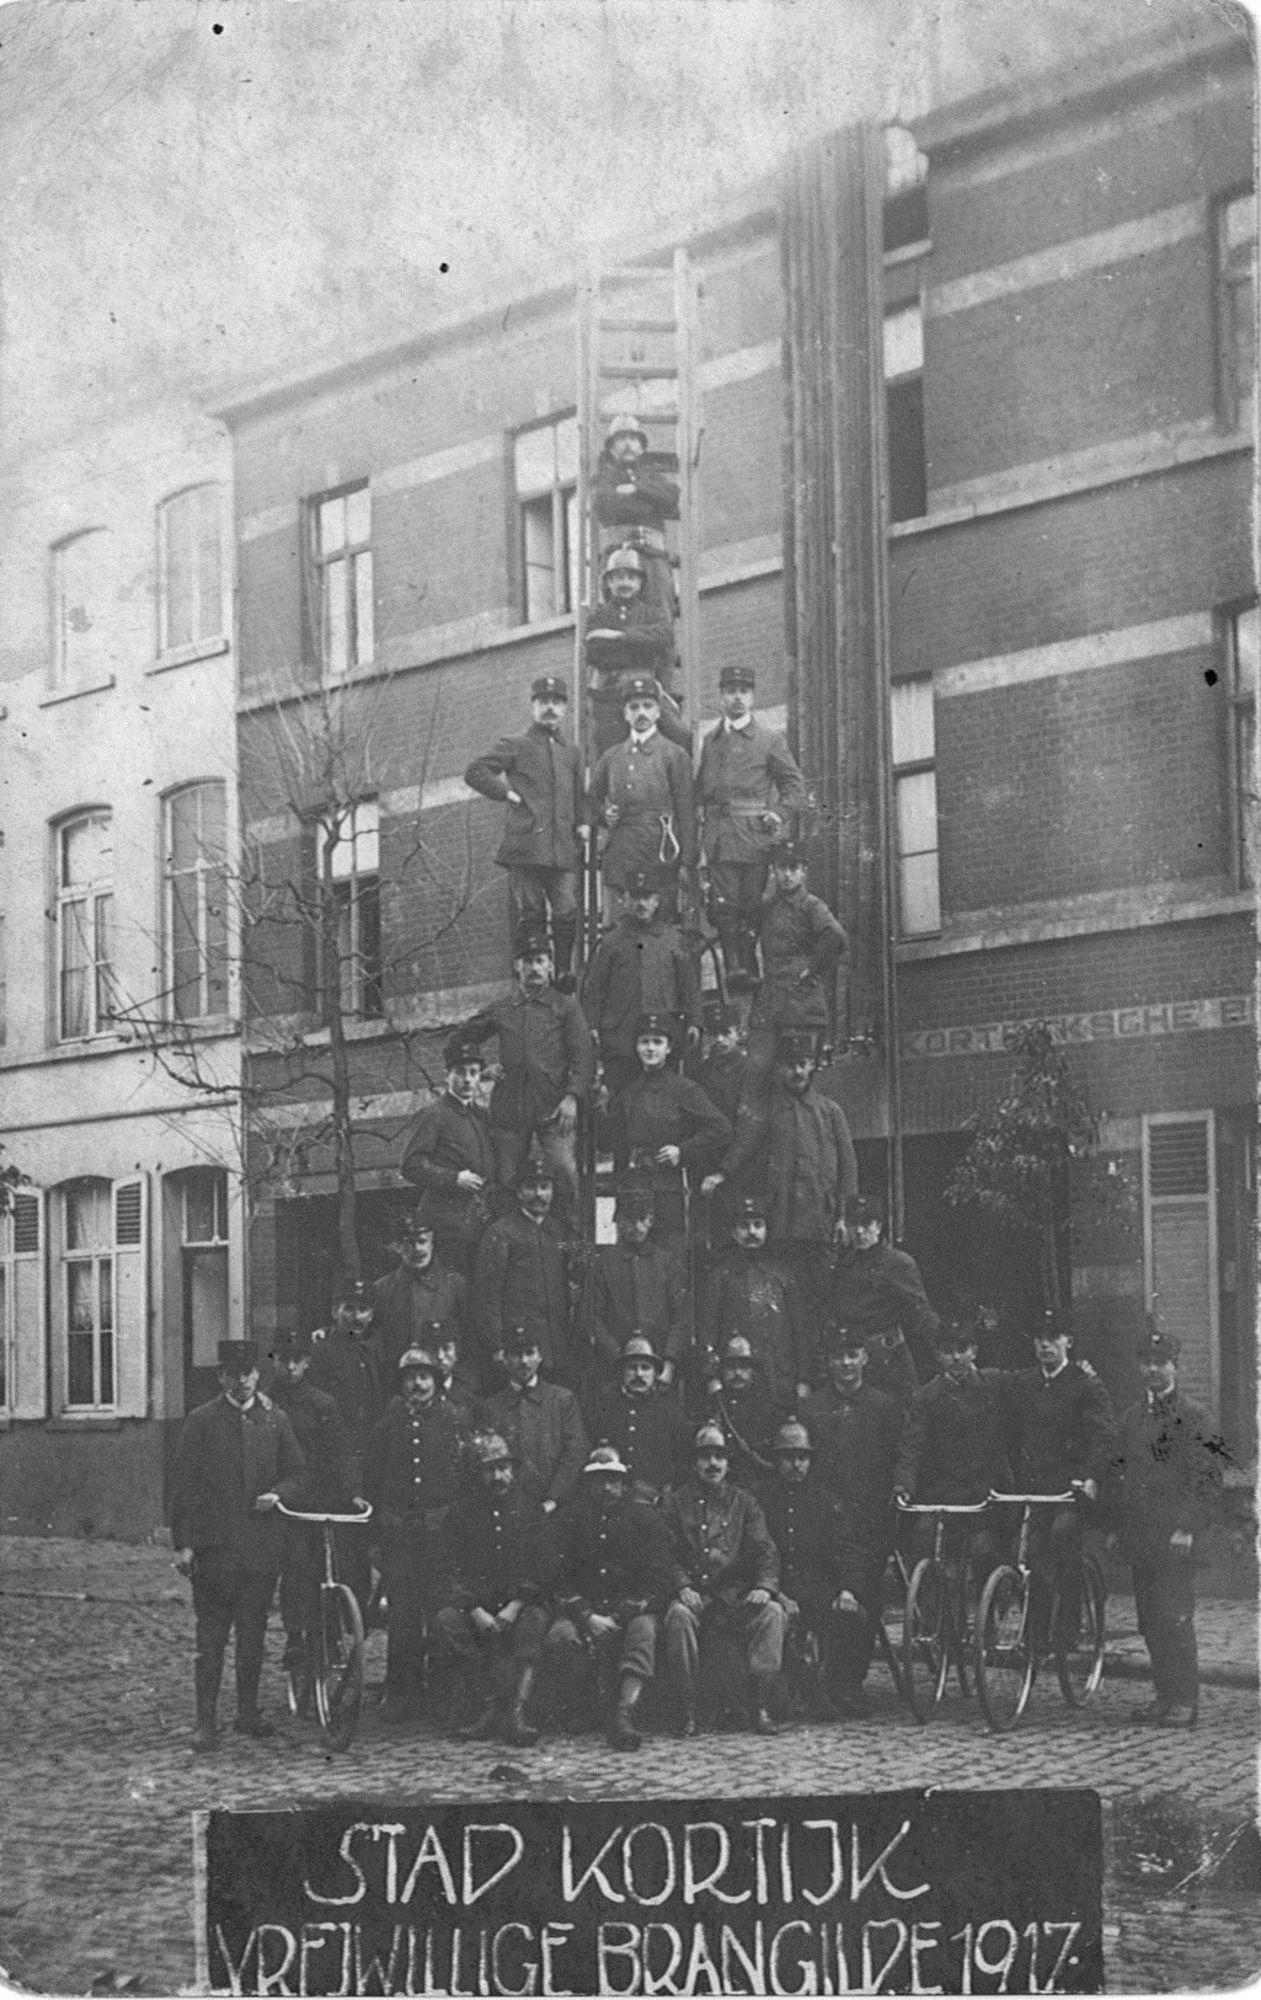 Brandweer 1917